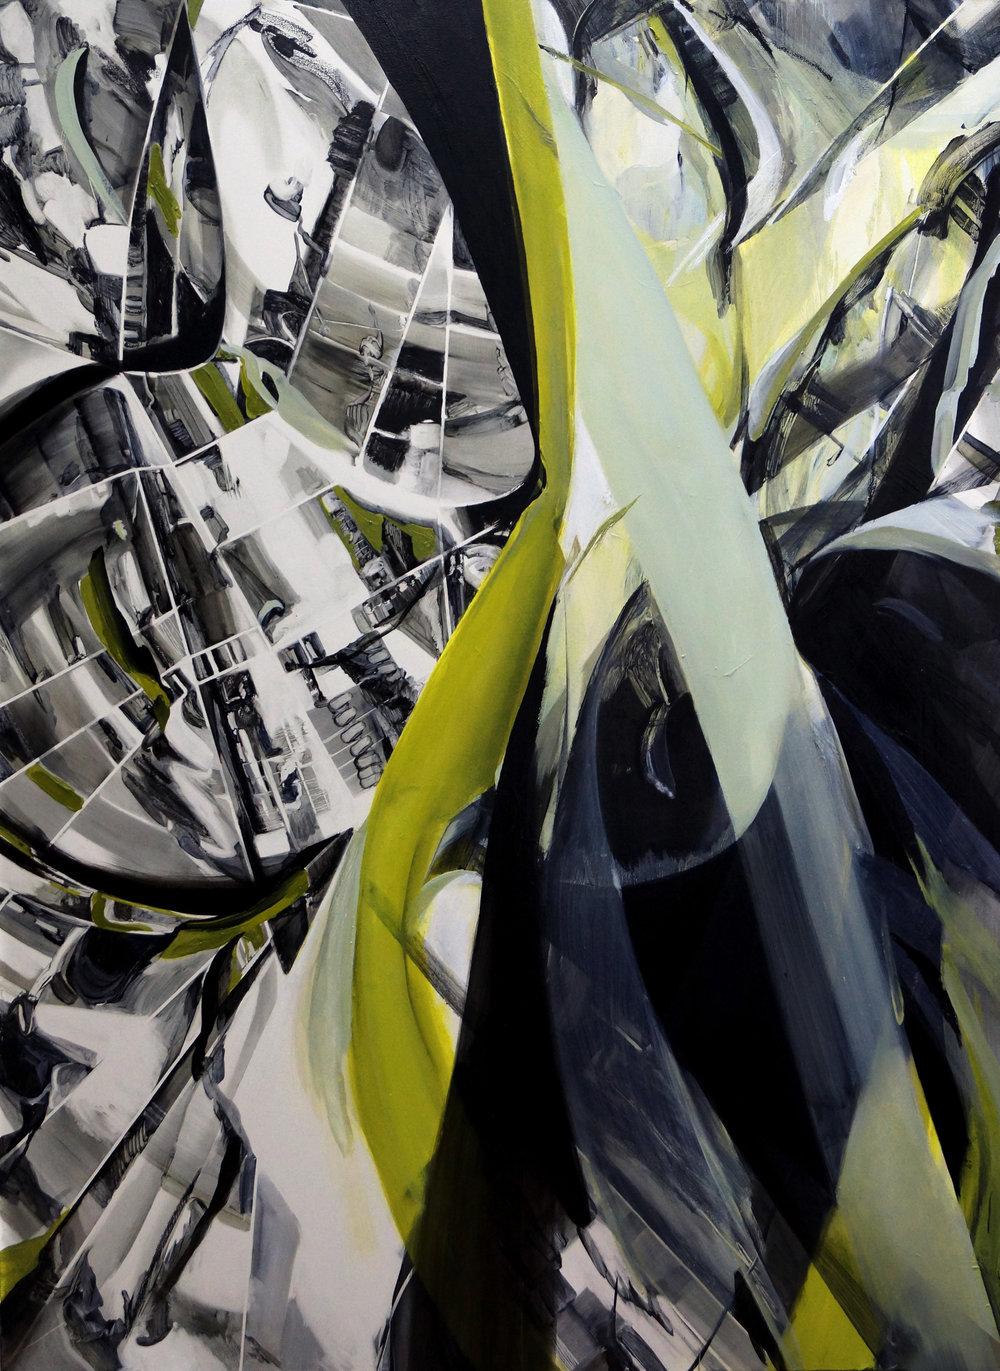 Hannah Shin, Crest, Oil on Canvas, 190cm x 140cm x 4cm,  http://www.hannahshinart.com